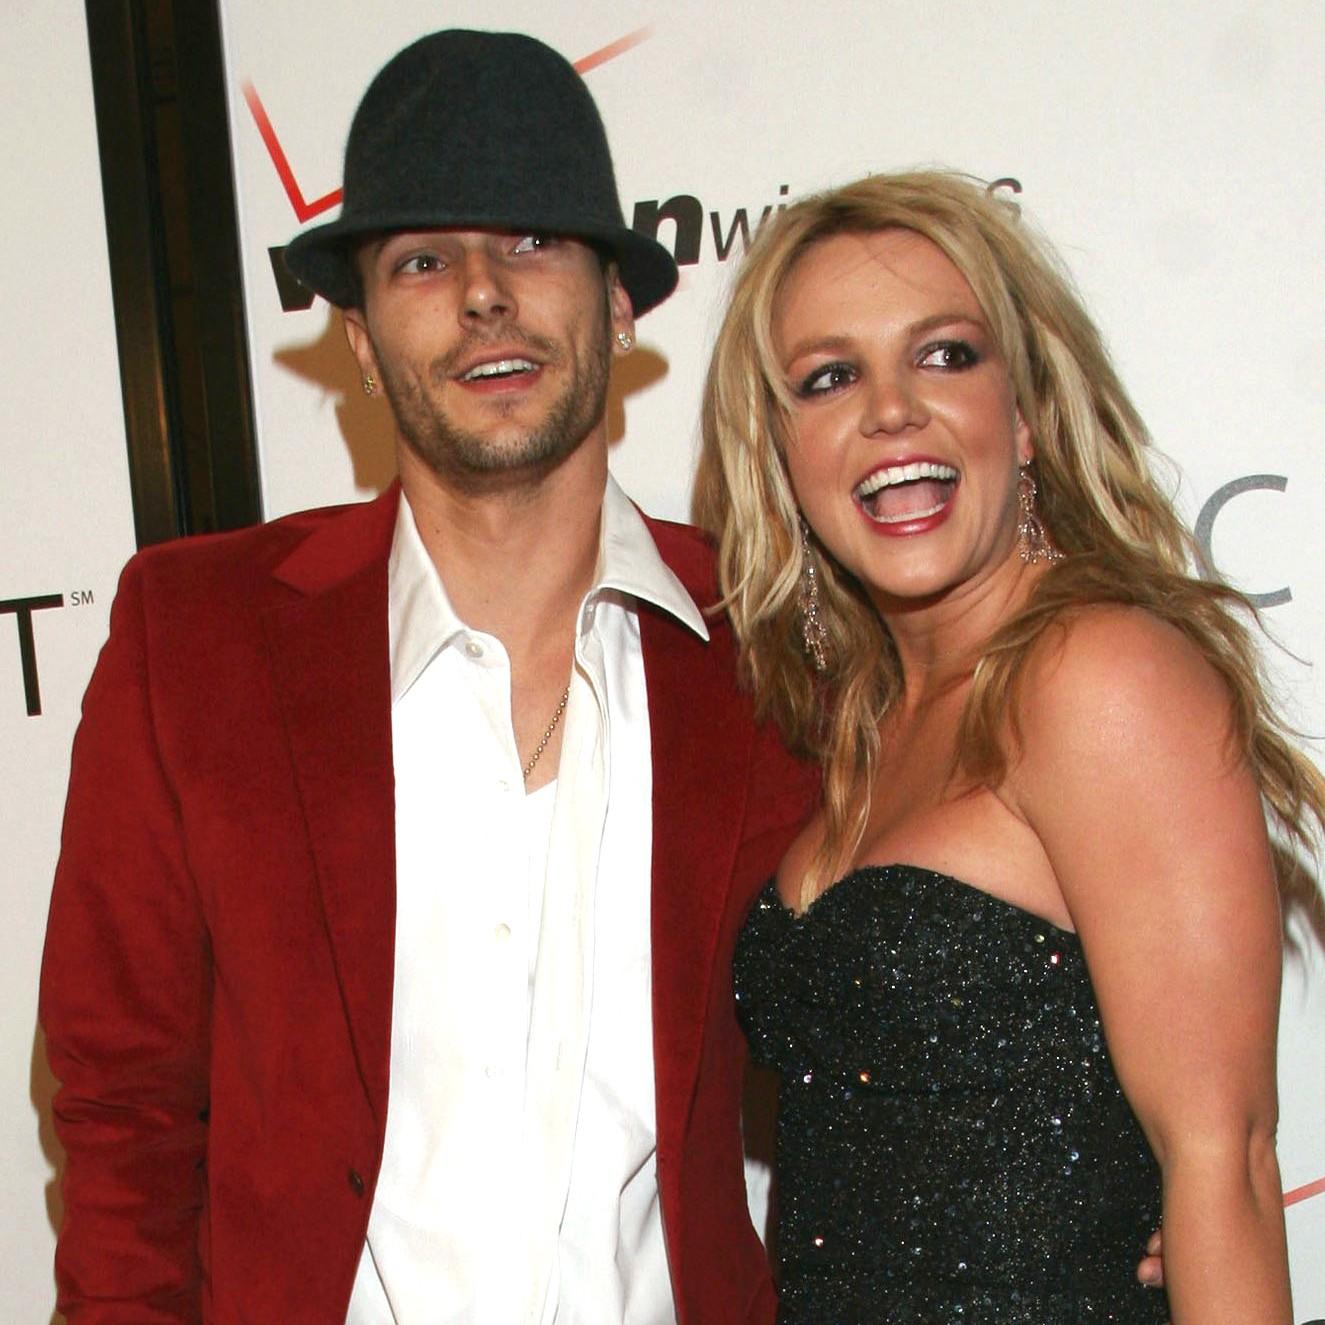 Para quem achou loucura o casamento de 55 horas de Britney Spears com o amigo Jason Alexander, bem, o que dizer do casório com o dançarino Kevin Federline (foto), após cinco meses de namoro? Eles se separaram após dois anos, oito semanas depois do nascimento do segundo filho do casal. (Foto: Getty Images)